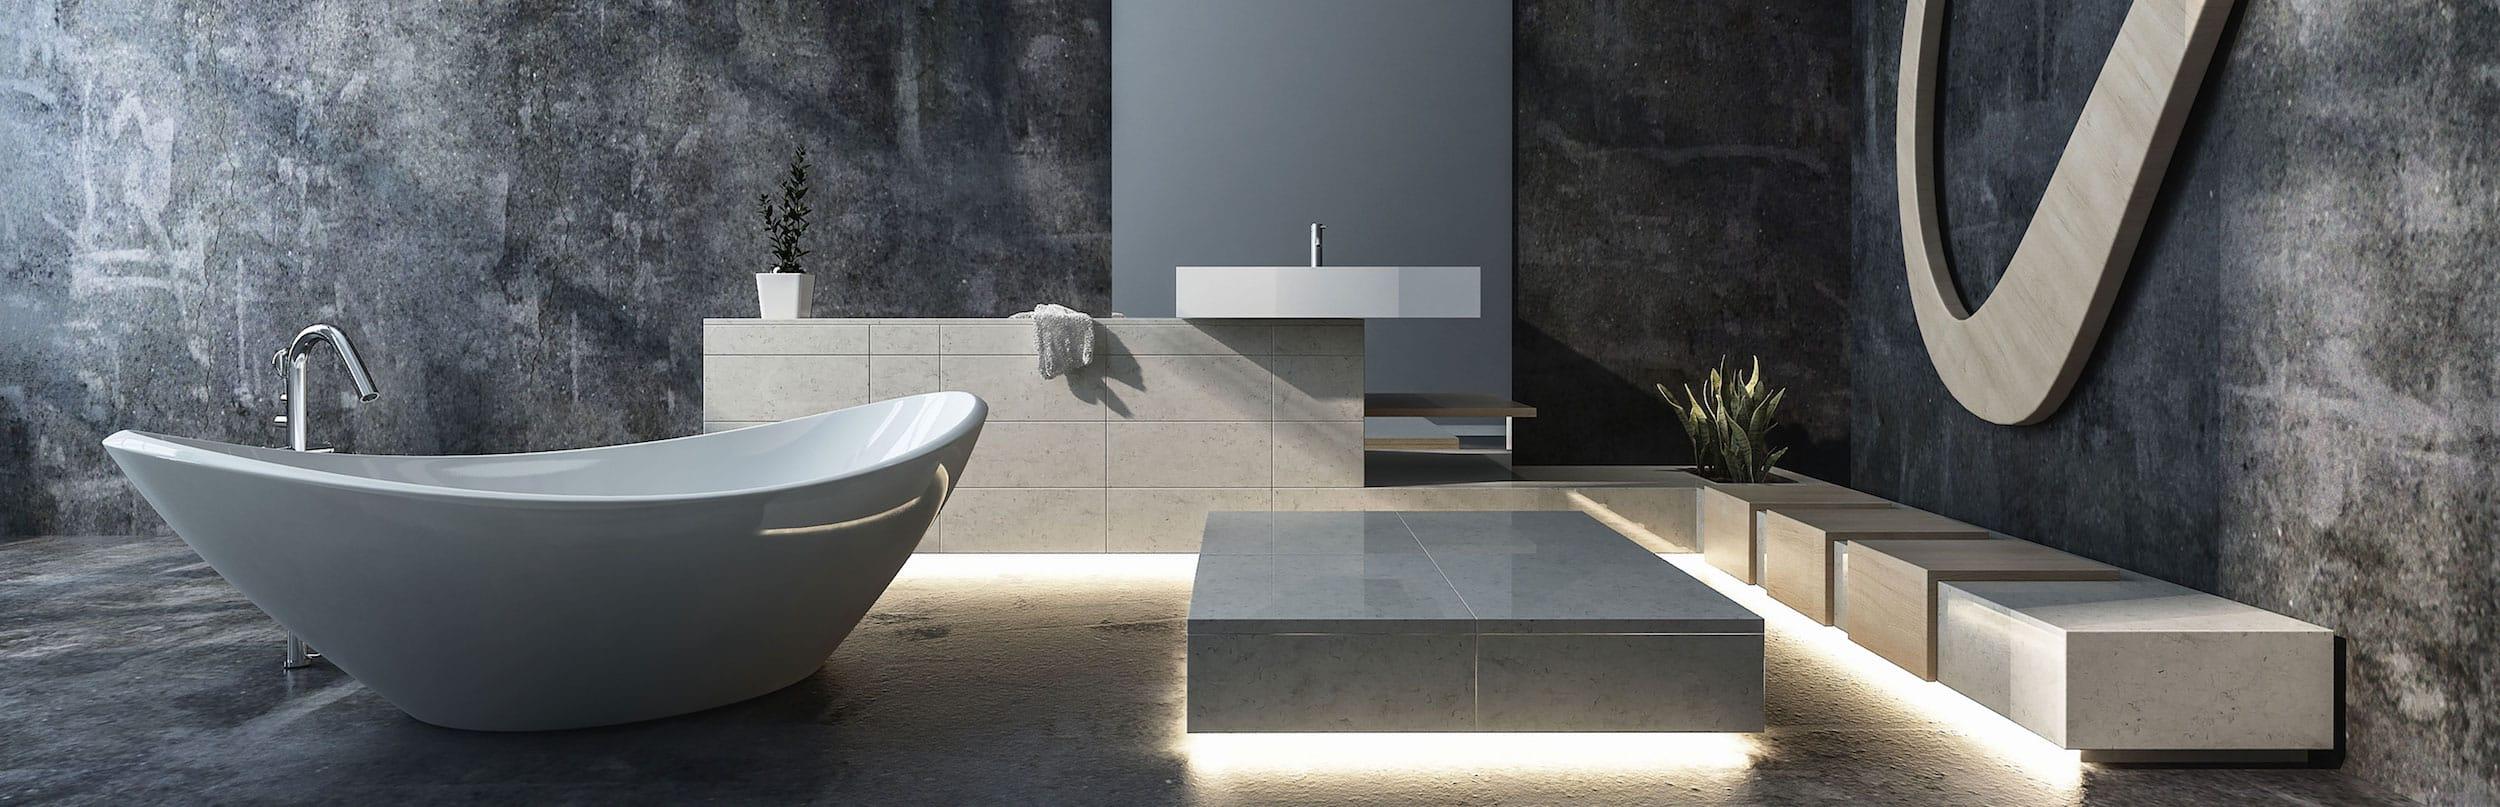 Salle De Bain En Mortex salle de bain en mortex : mat�riau �tanche, �conomique et